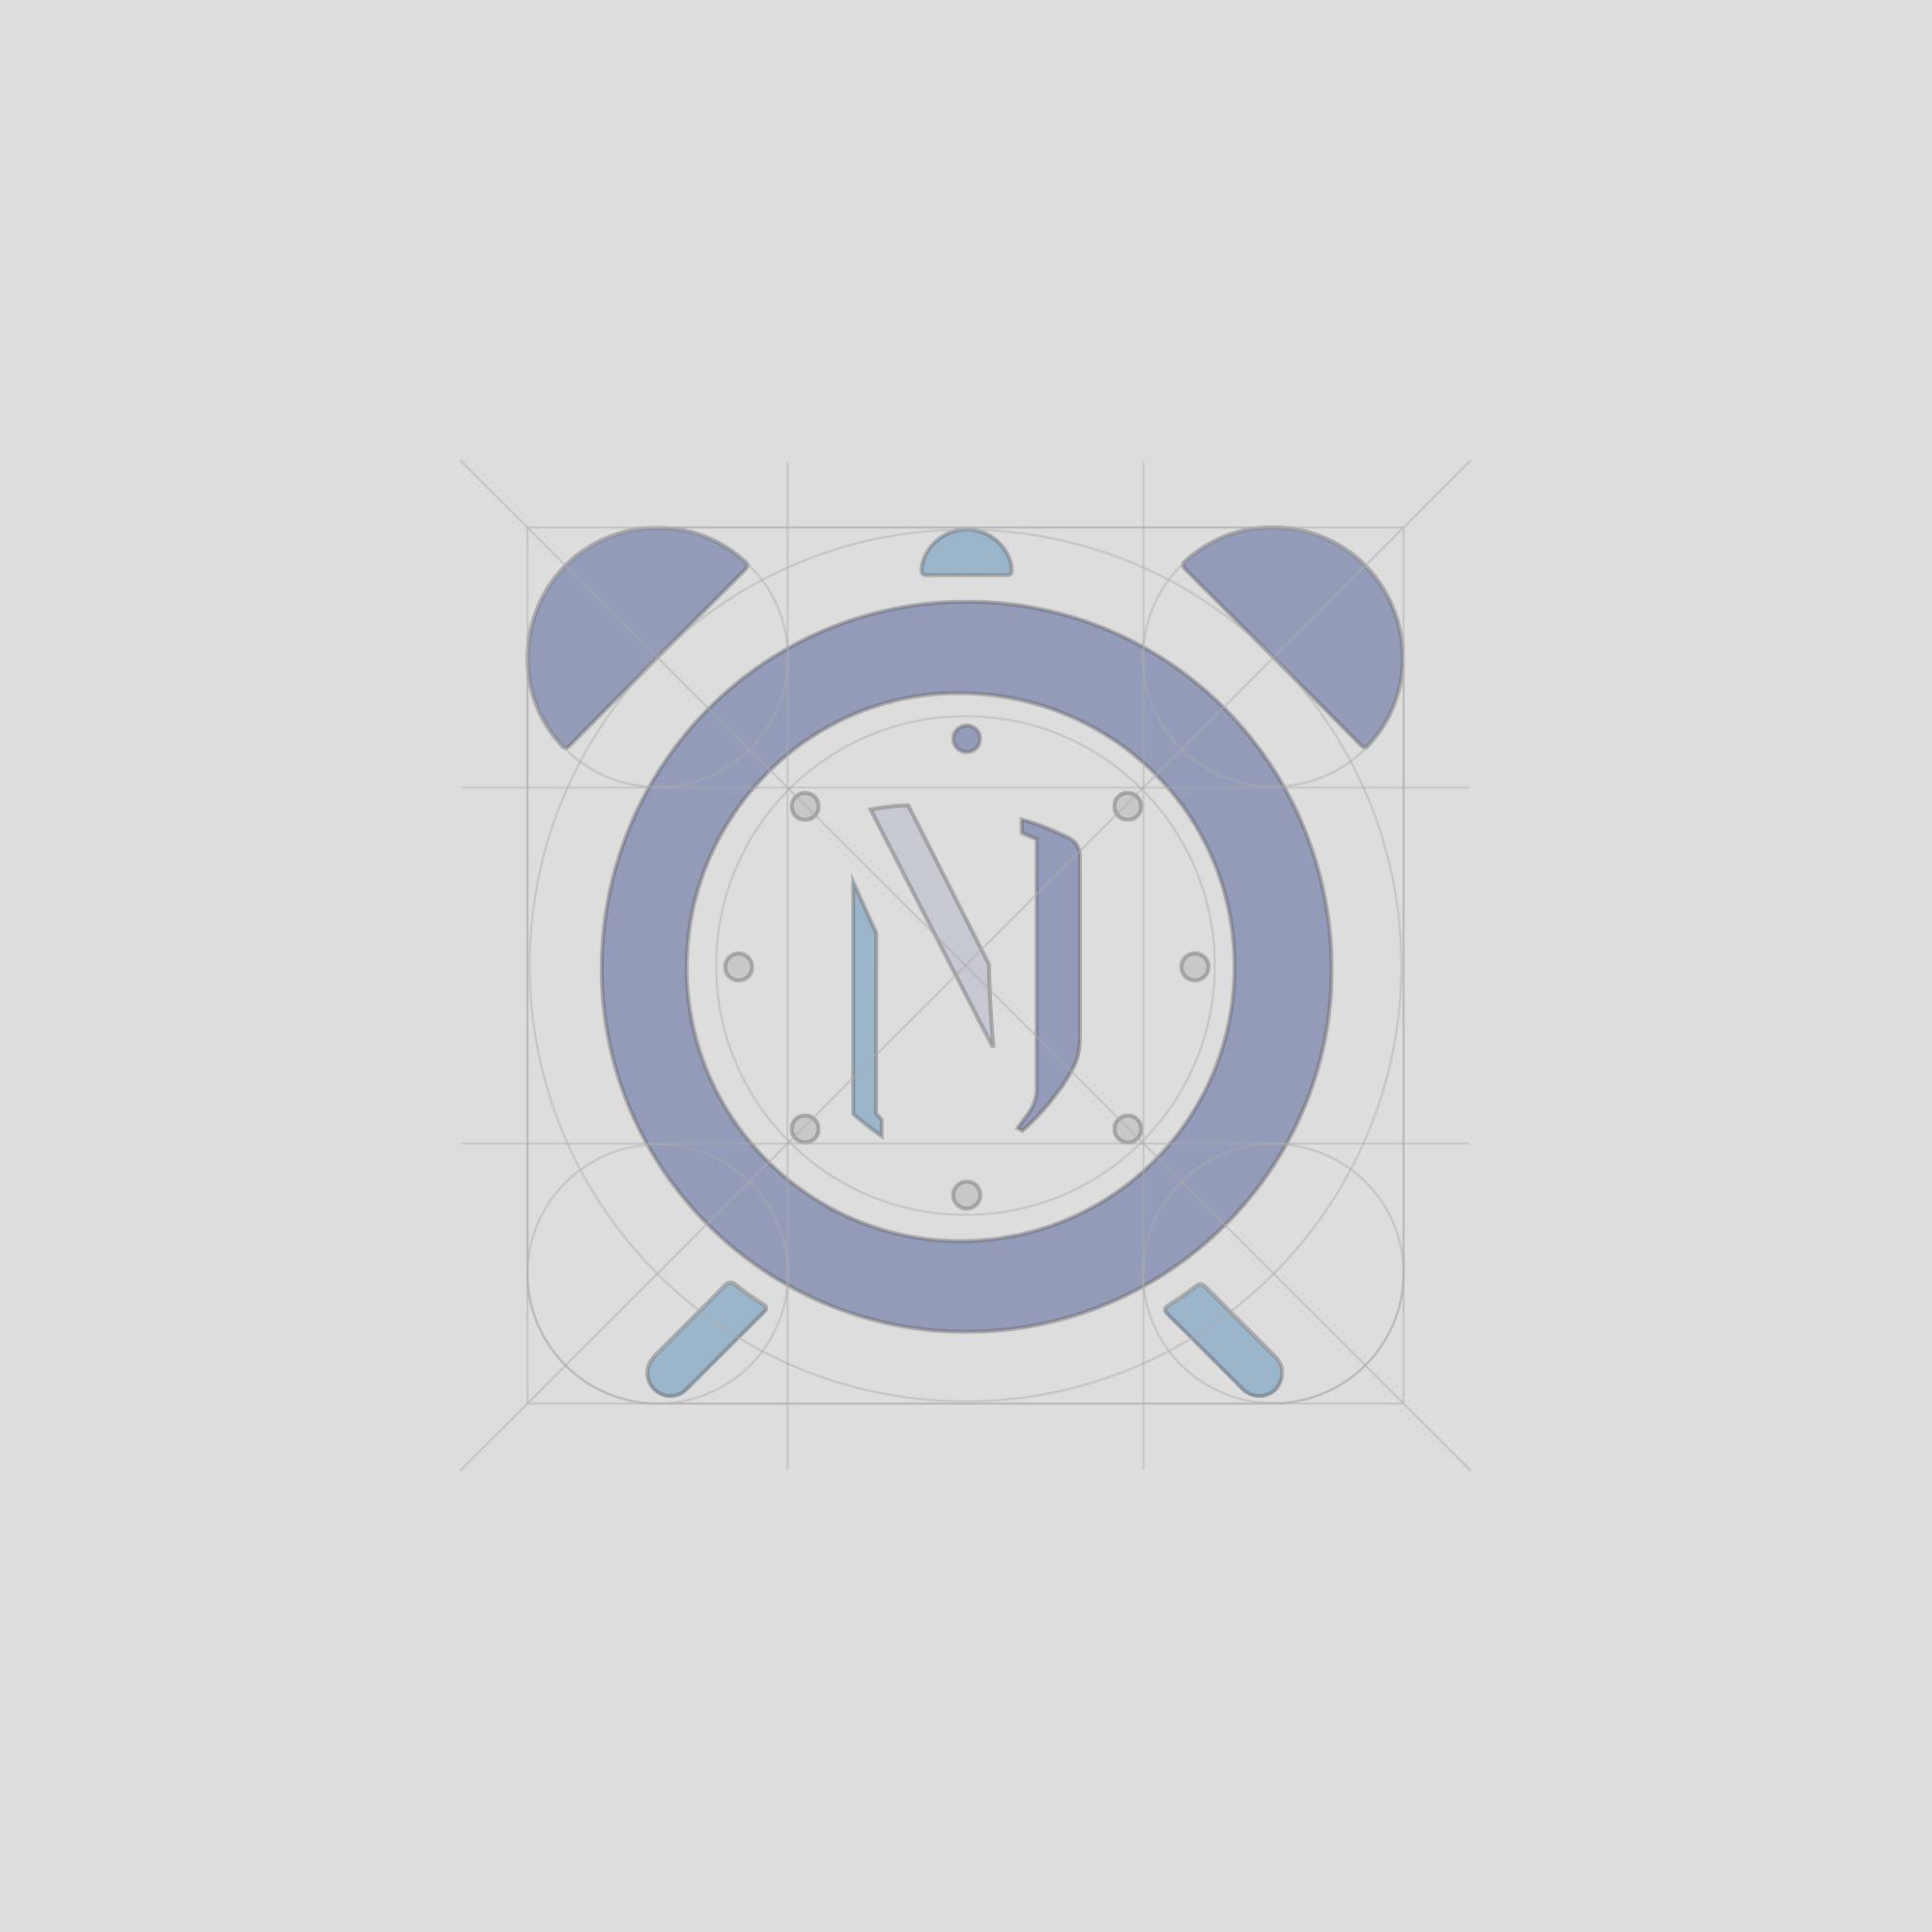 ios logo design, identyfikacja marki, branding, brand book, znak graficzny, logo firmy, ci, Nabór, designer Ireneusz Bloch